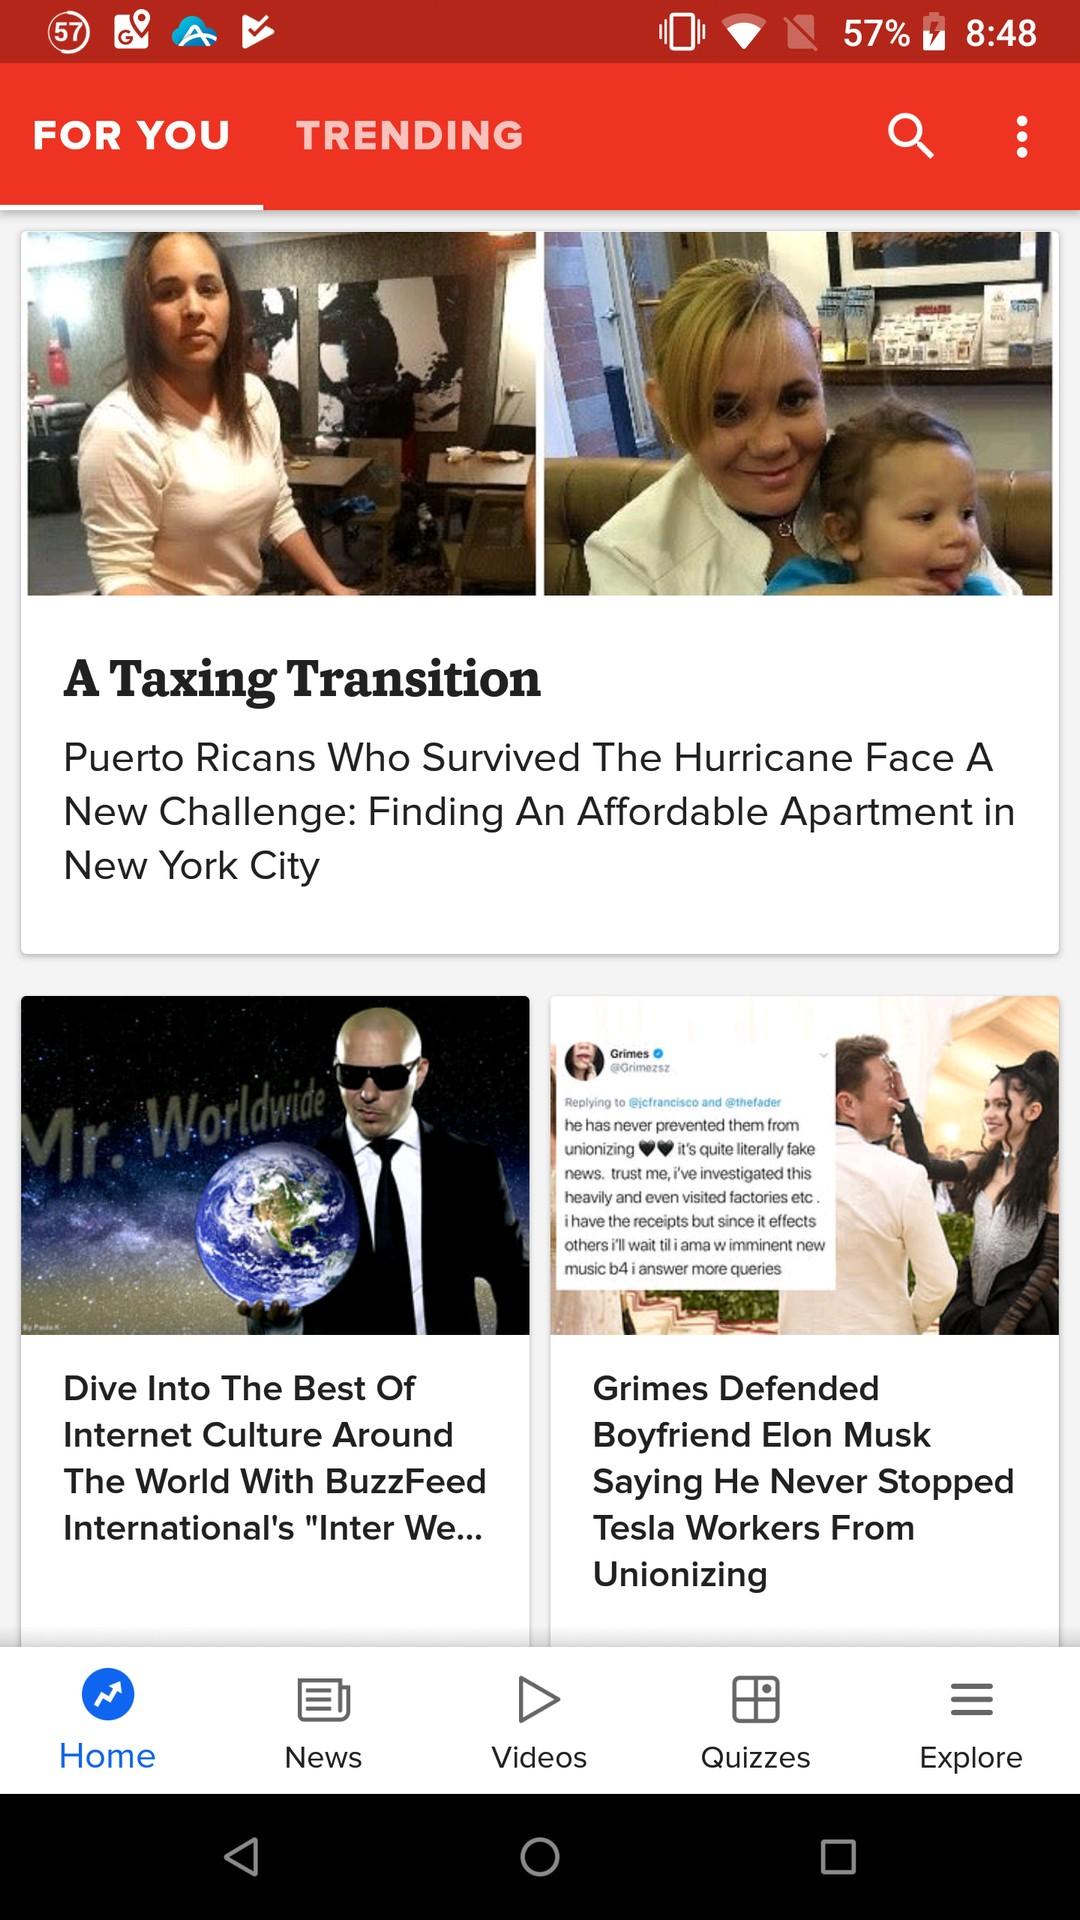 BuzzFeed: News, Tasty, Quizzes 26.26 APK Download